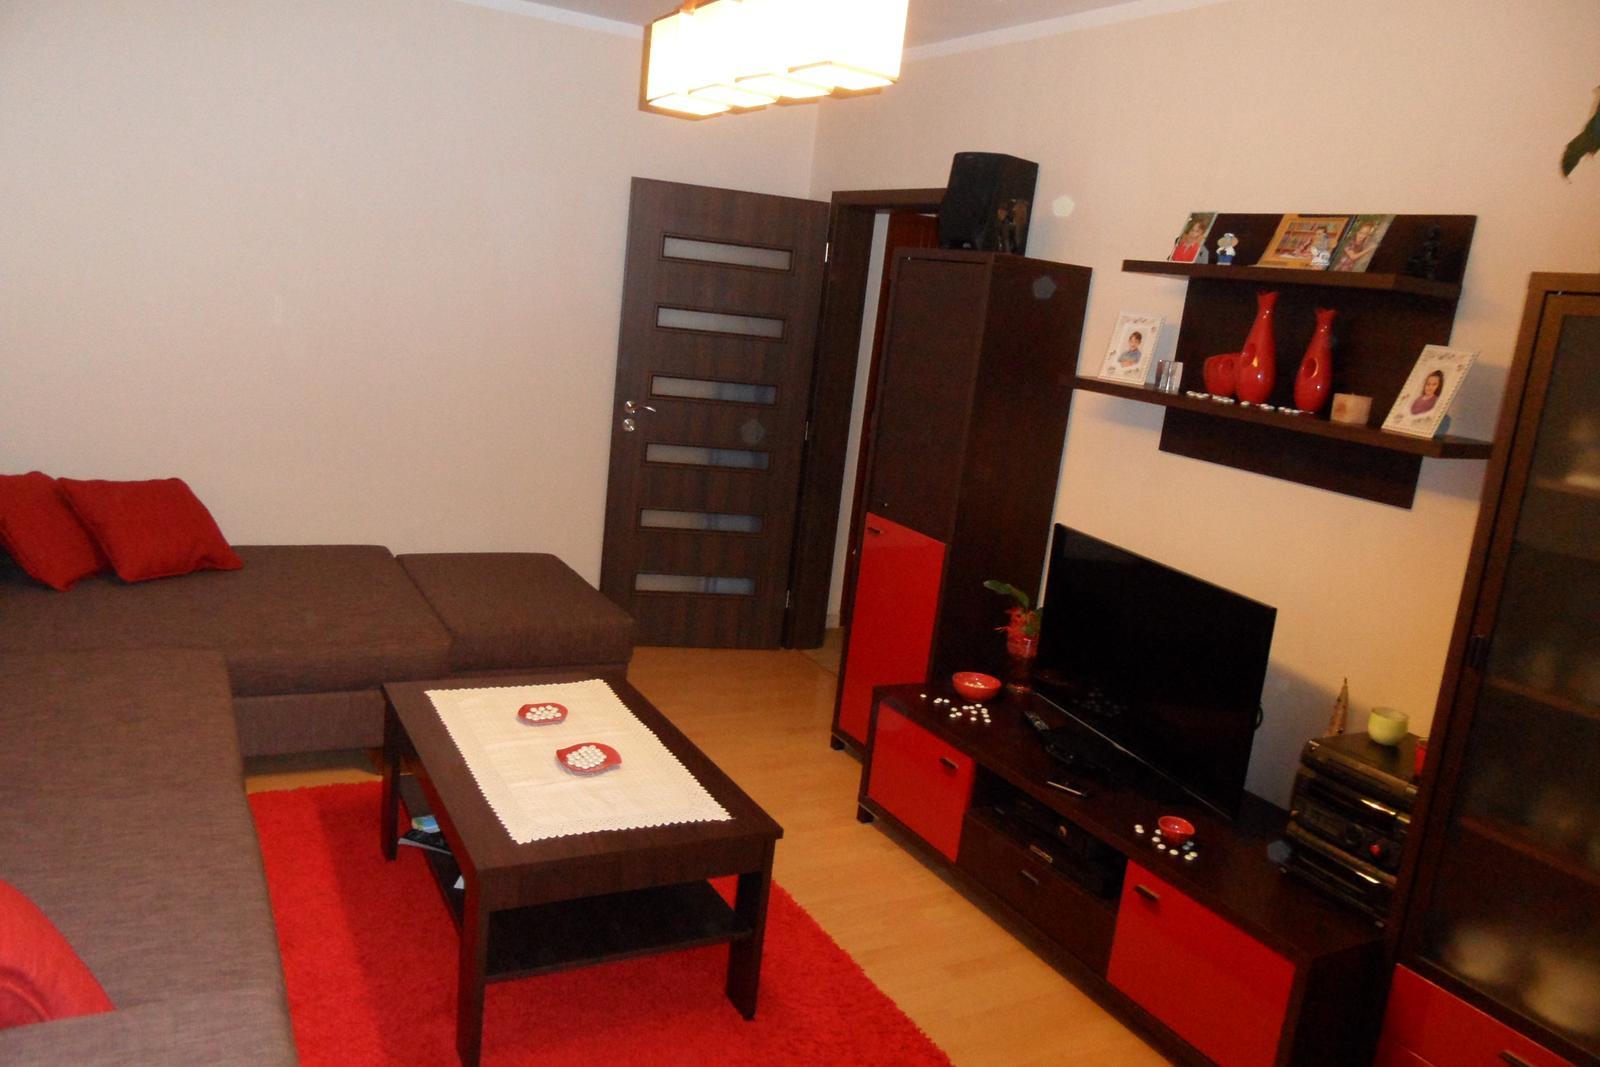 Naša obývačka, prerábanie - Nová sedačka EGO od Finesu konečne dorazila, prehodili sme aj nábytok na opačnú stranu.